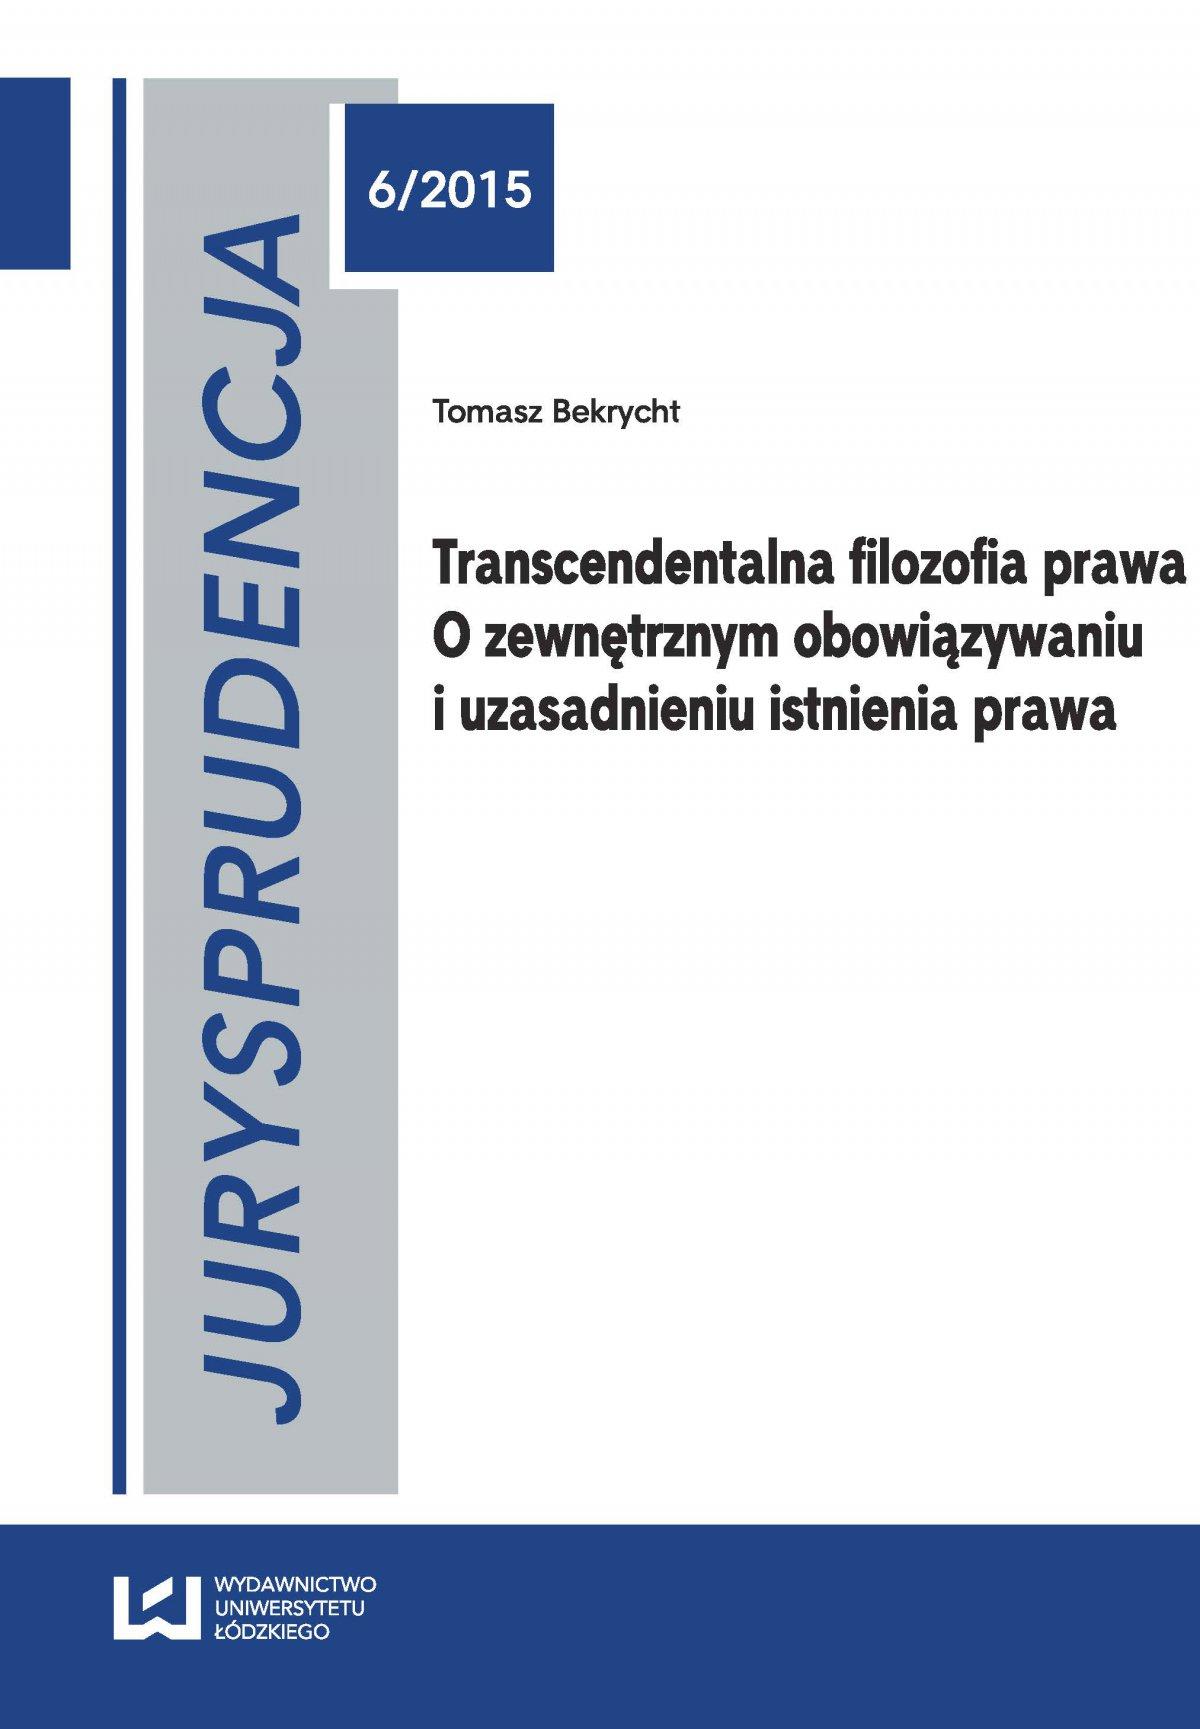 Jurysprudencja 6. Transcendentalna filozofia prawa. O zewnętrznym obowiązywaniu i uzasadnieniu istnienia prawa - Ebook (Książka PDF) do pobrania w formacie PDF